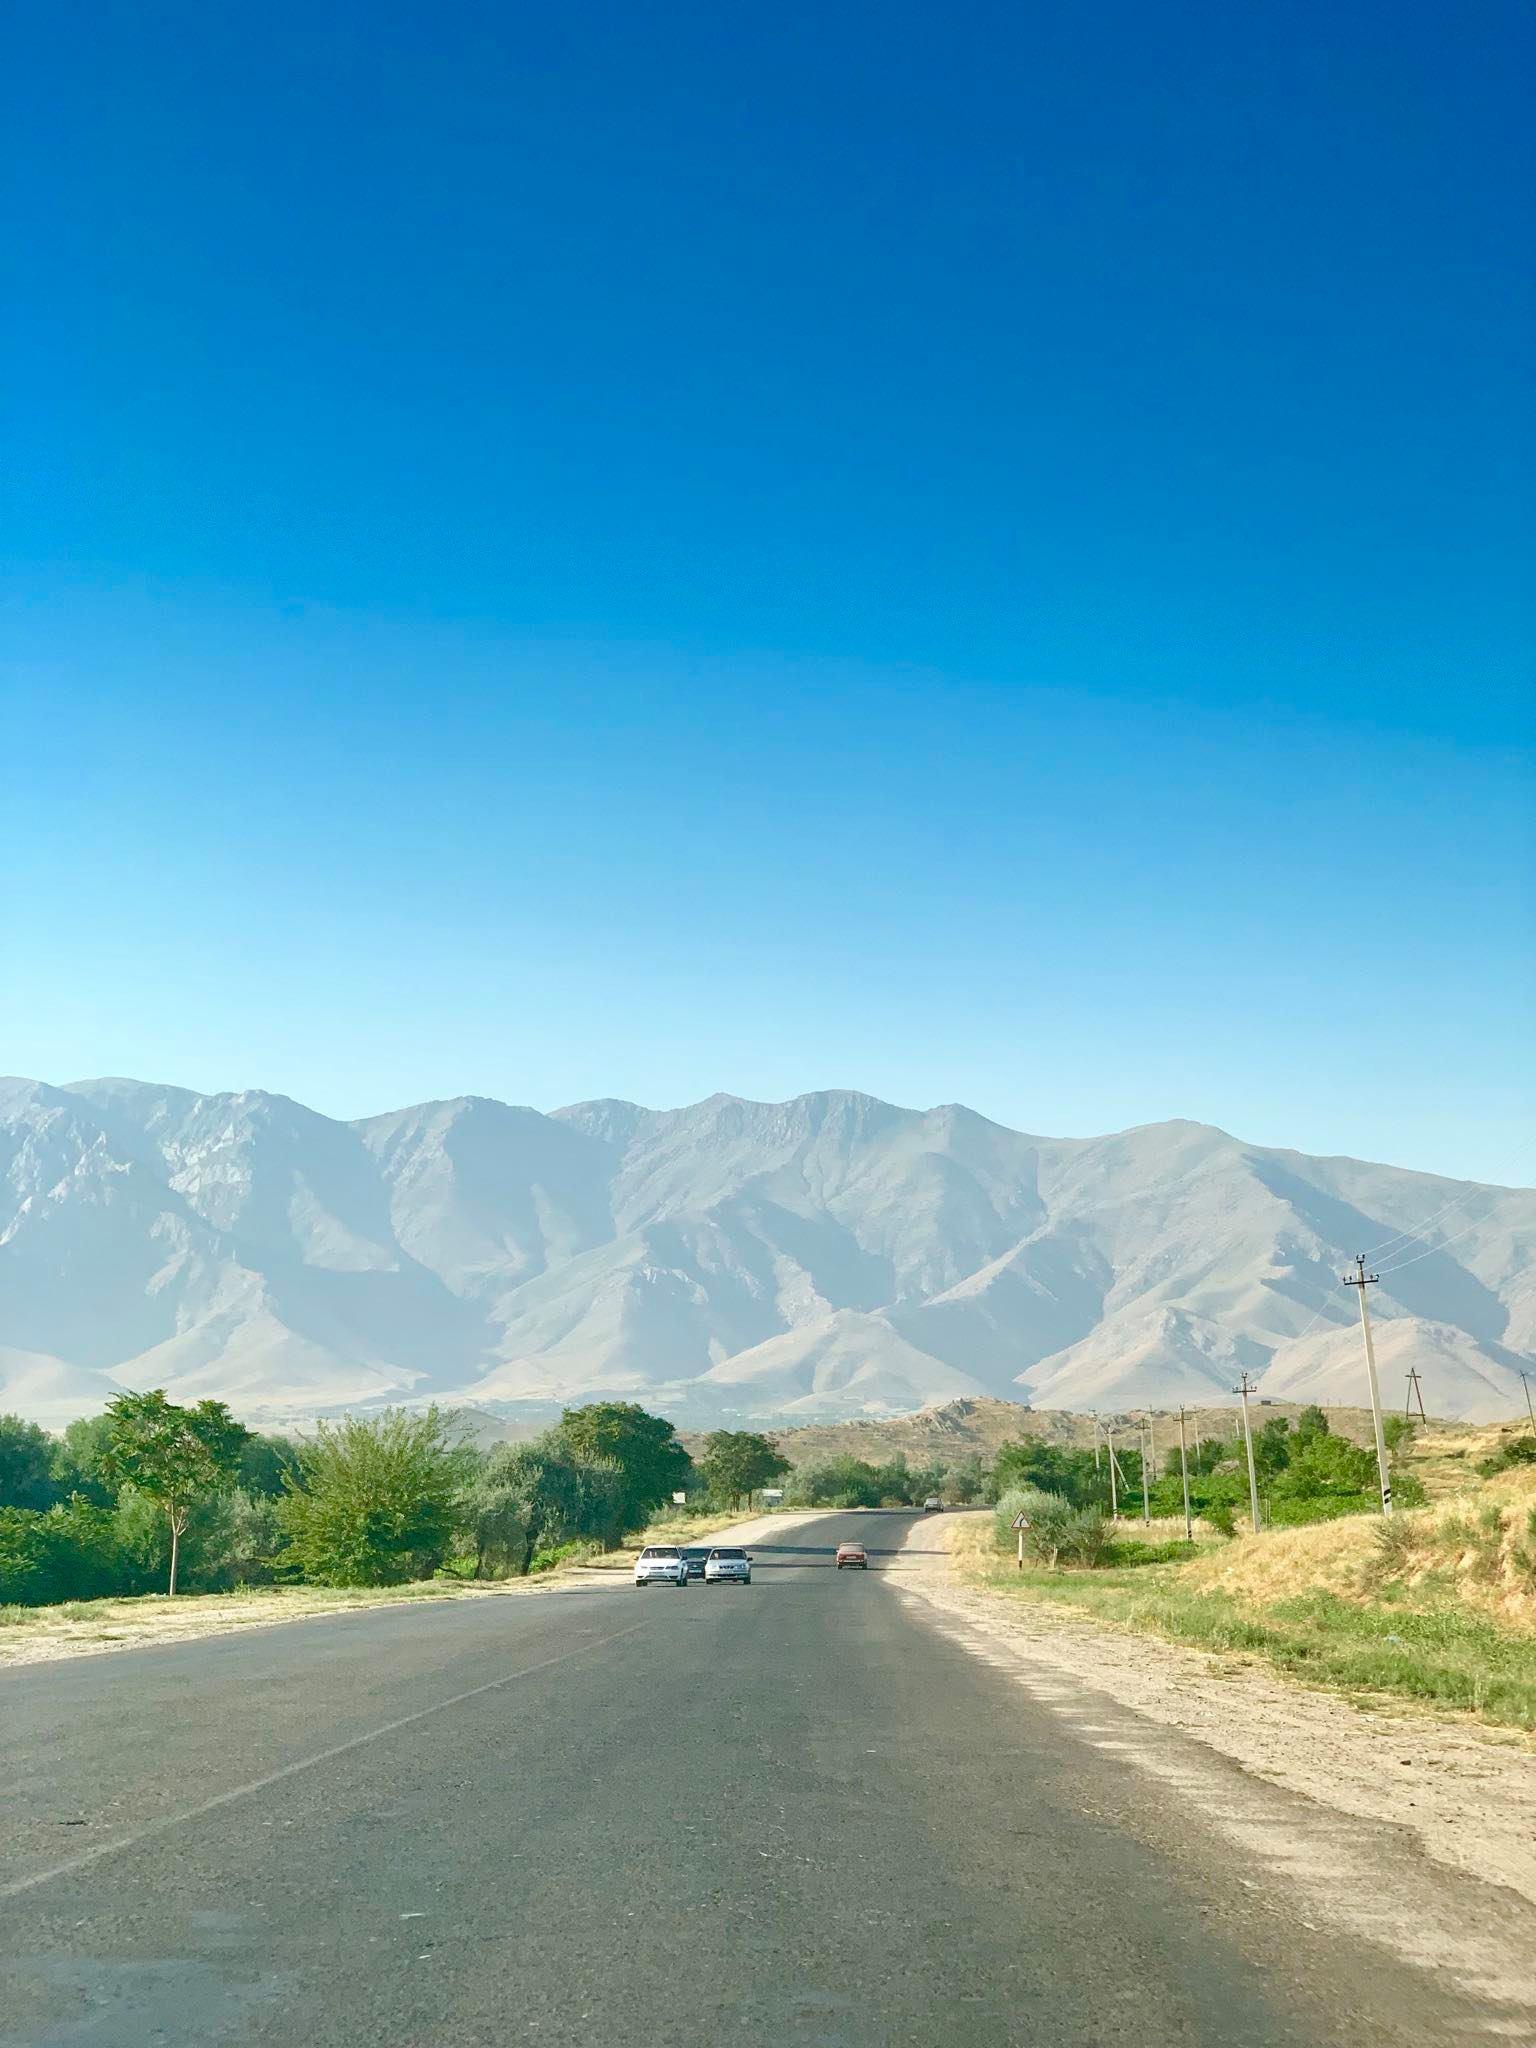 Kach Solo Travels in 2019 Last stop in Uzbekistan3.jpg